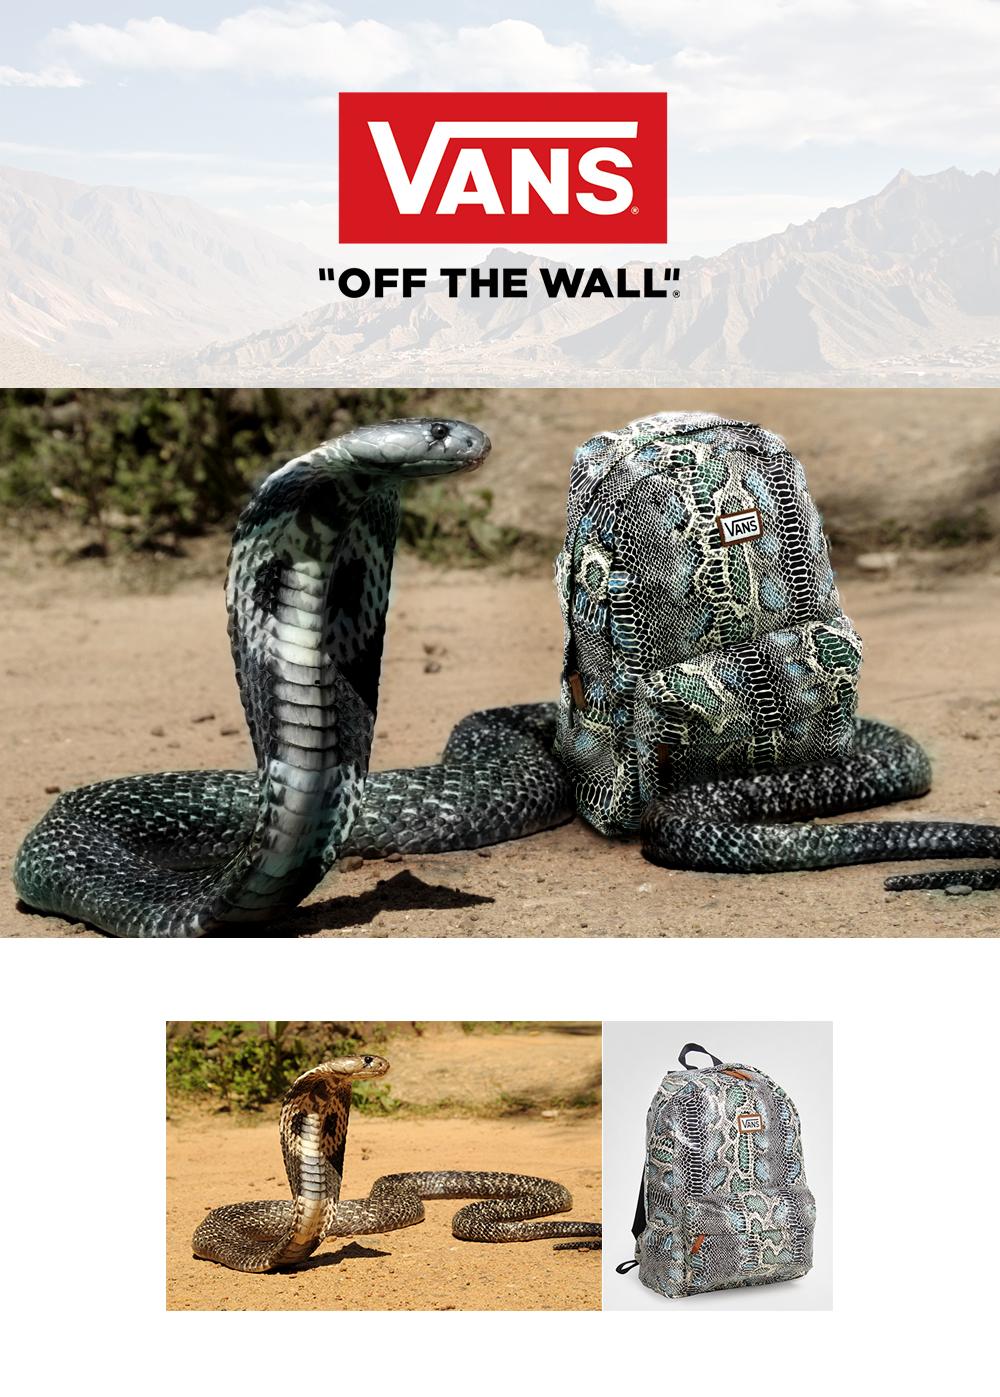 visuel Lancement produit publicité Vans